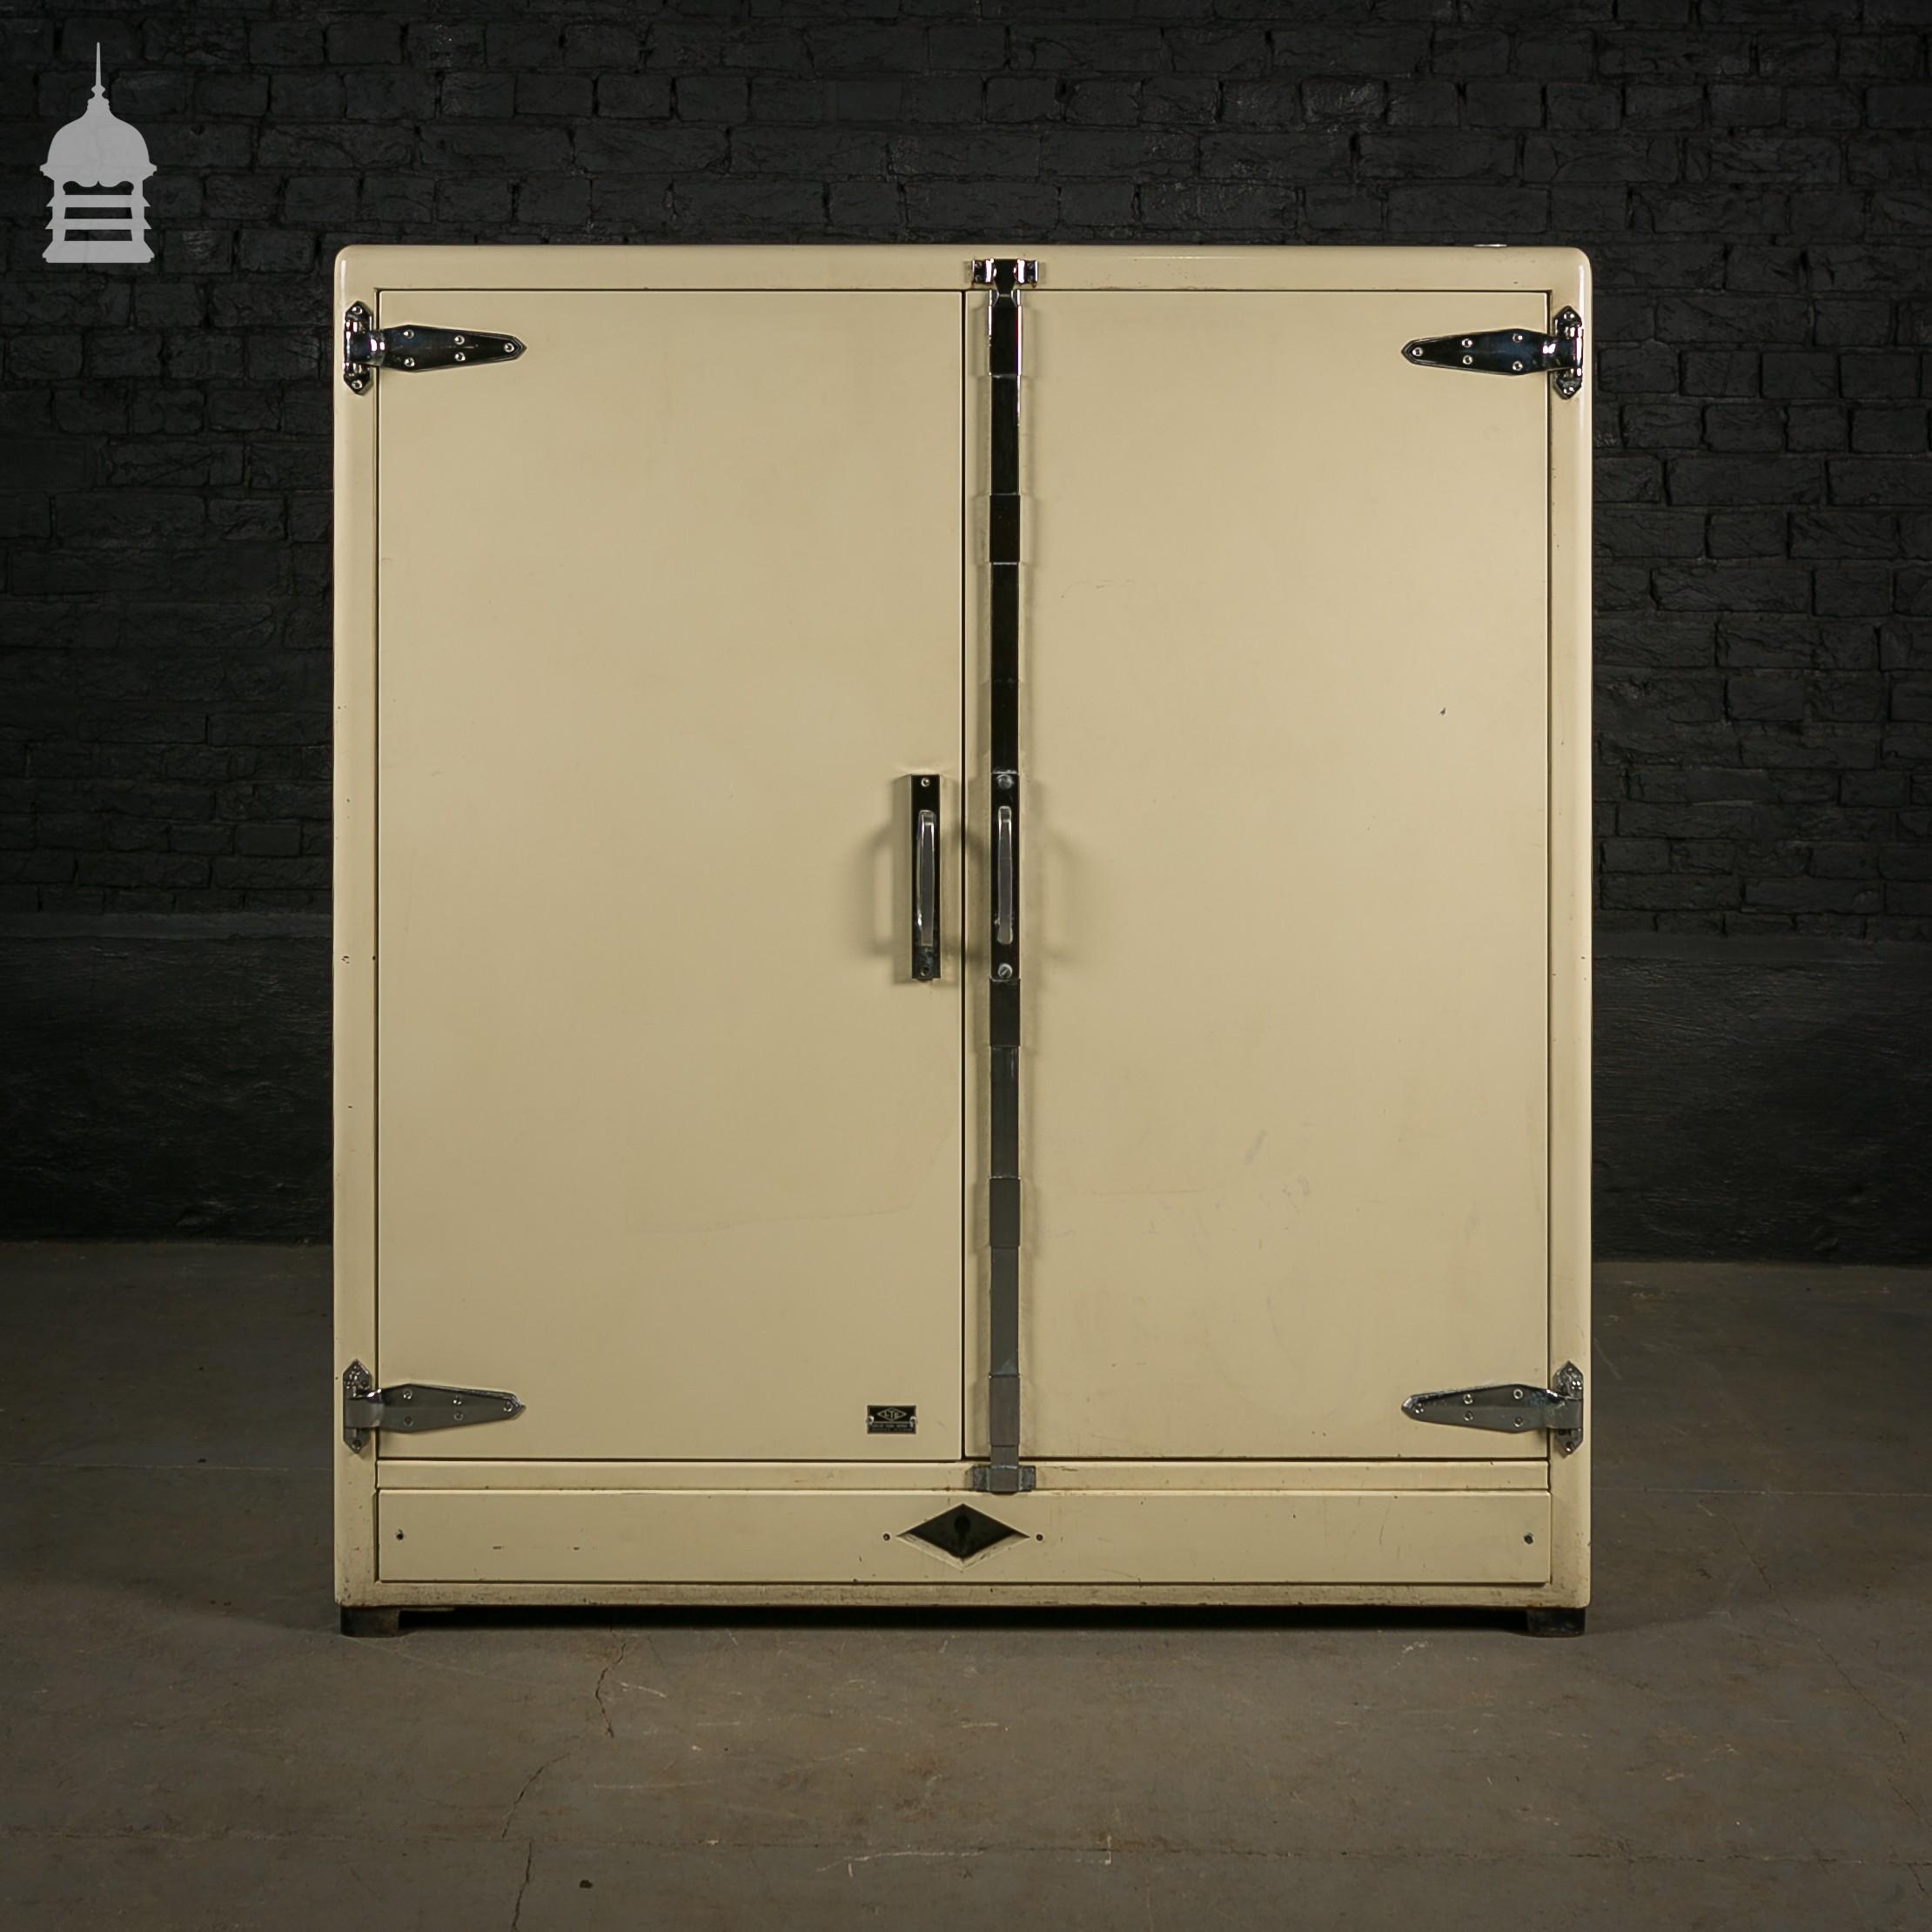 Rare Cream Deco Style Laboratory Cabinet - Exclusives